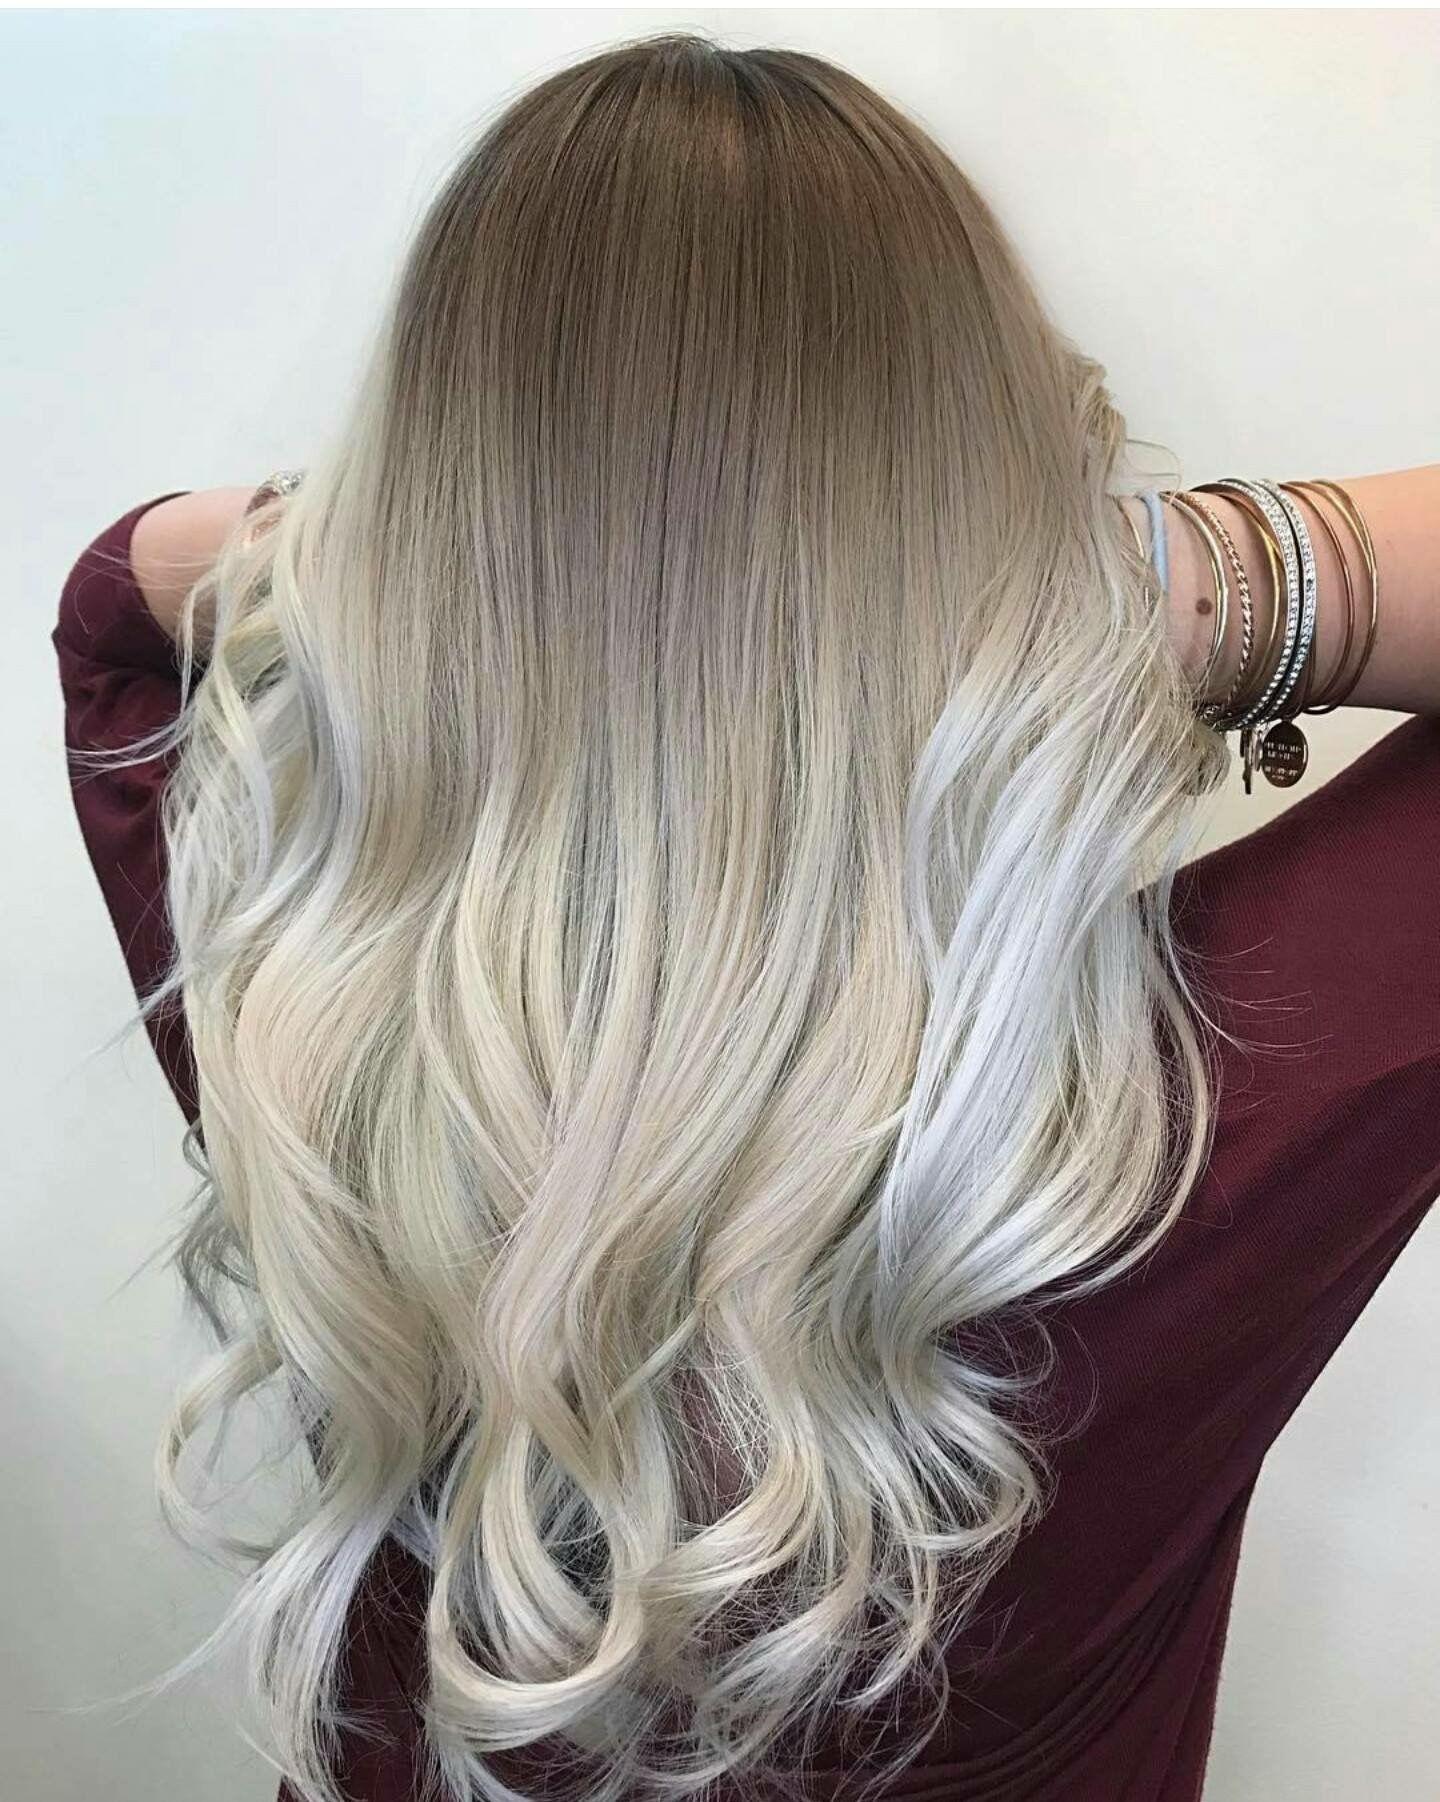 цены покрасить волосы в светлый цвет фото районе преимущественно